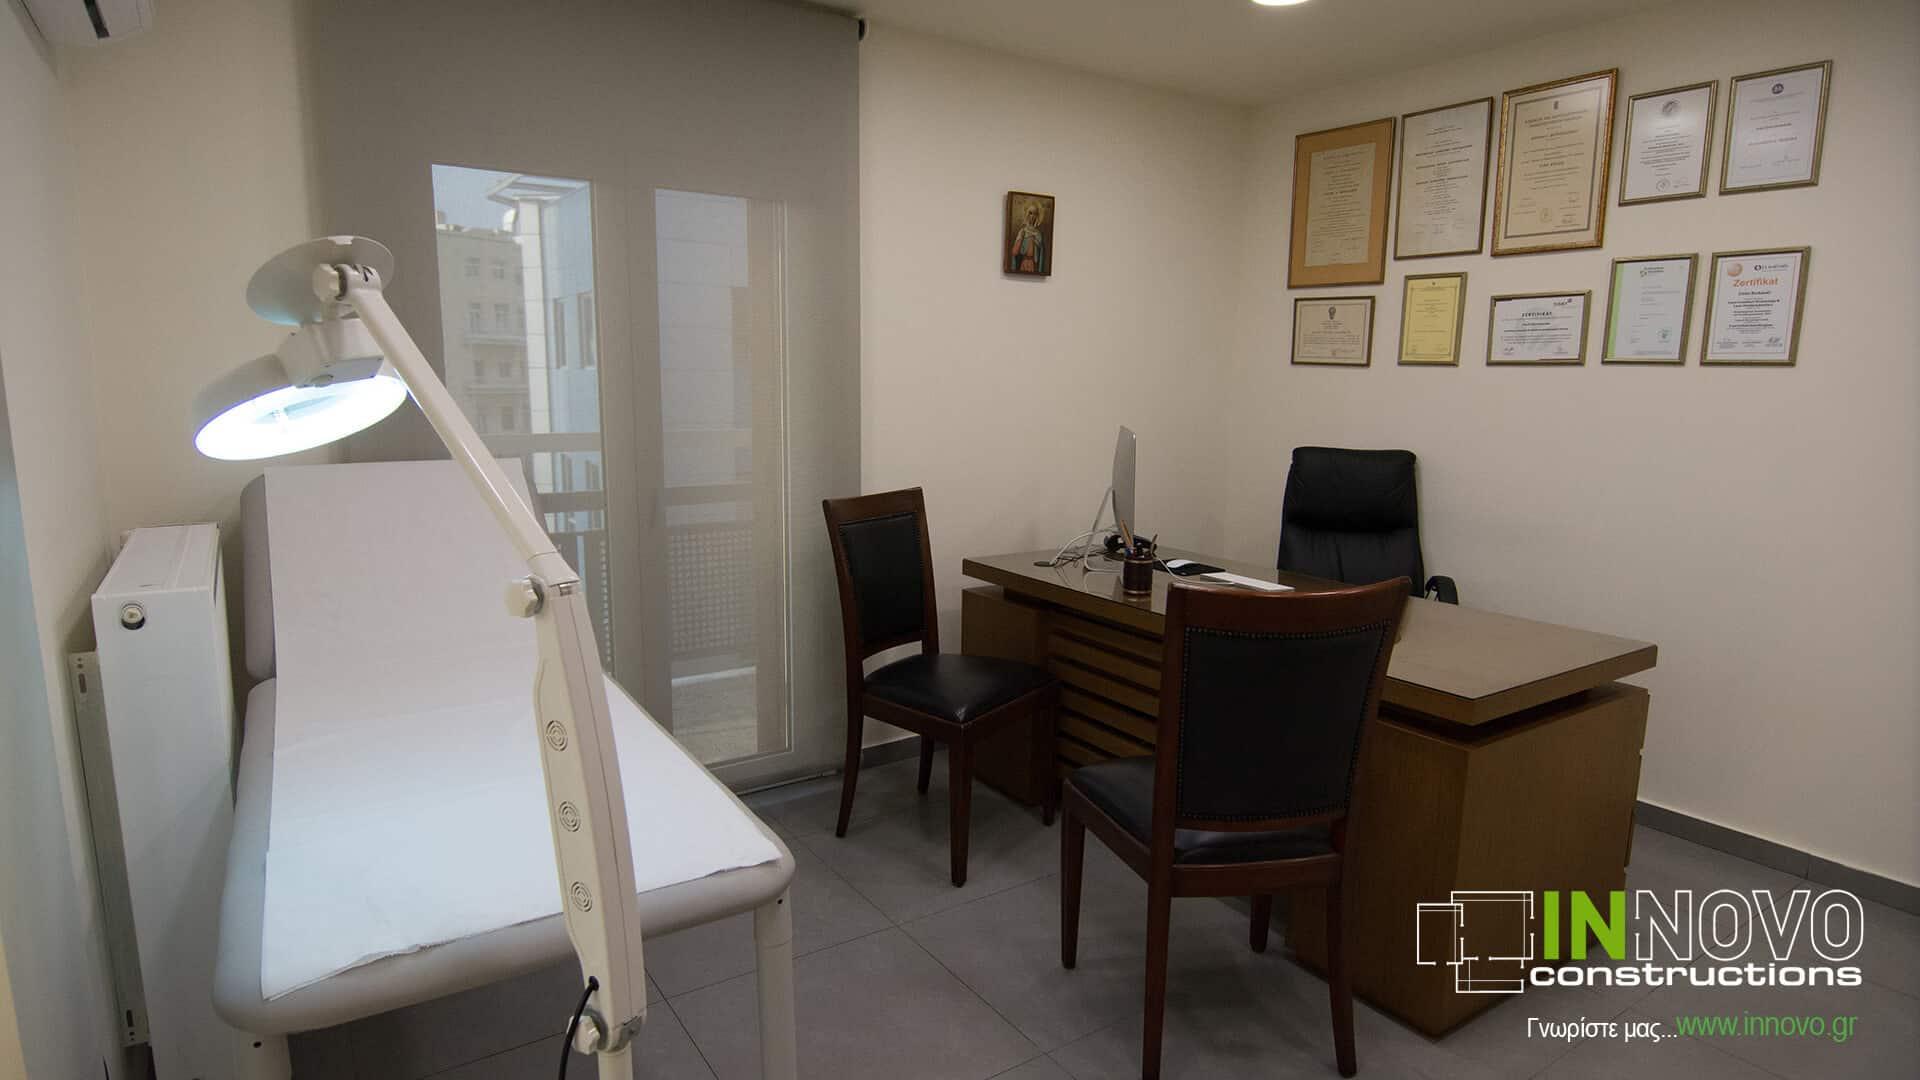 Μελέτη δερματολογικού Ιατρείου στα Ιλίσια